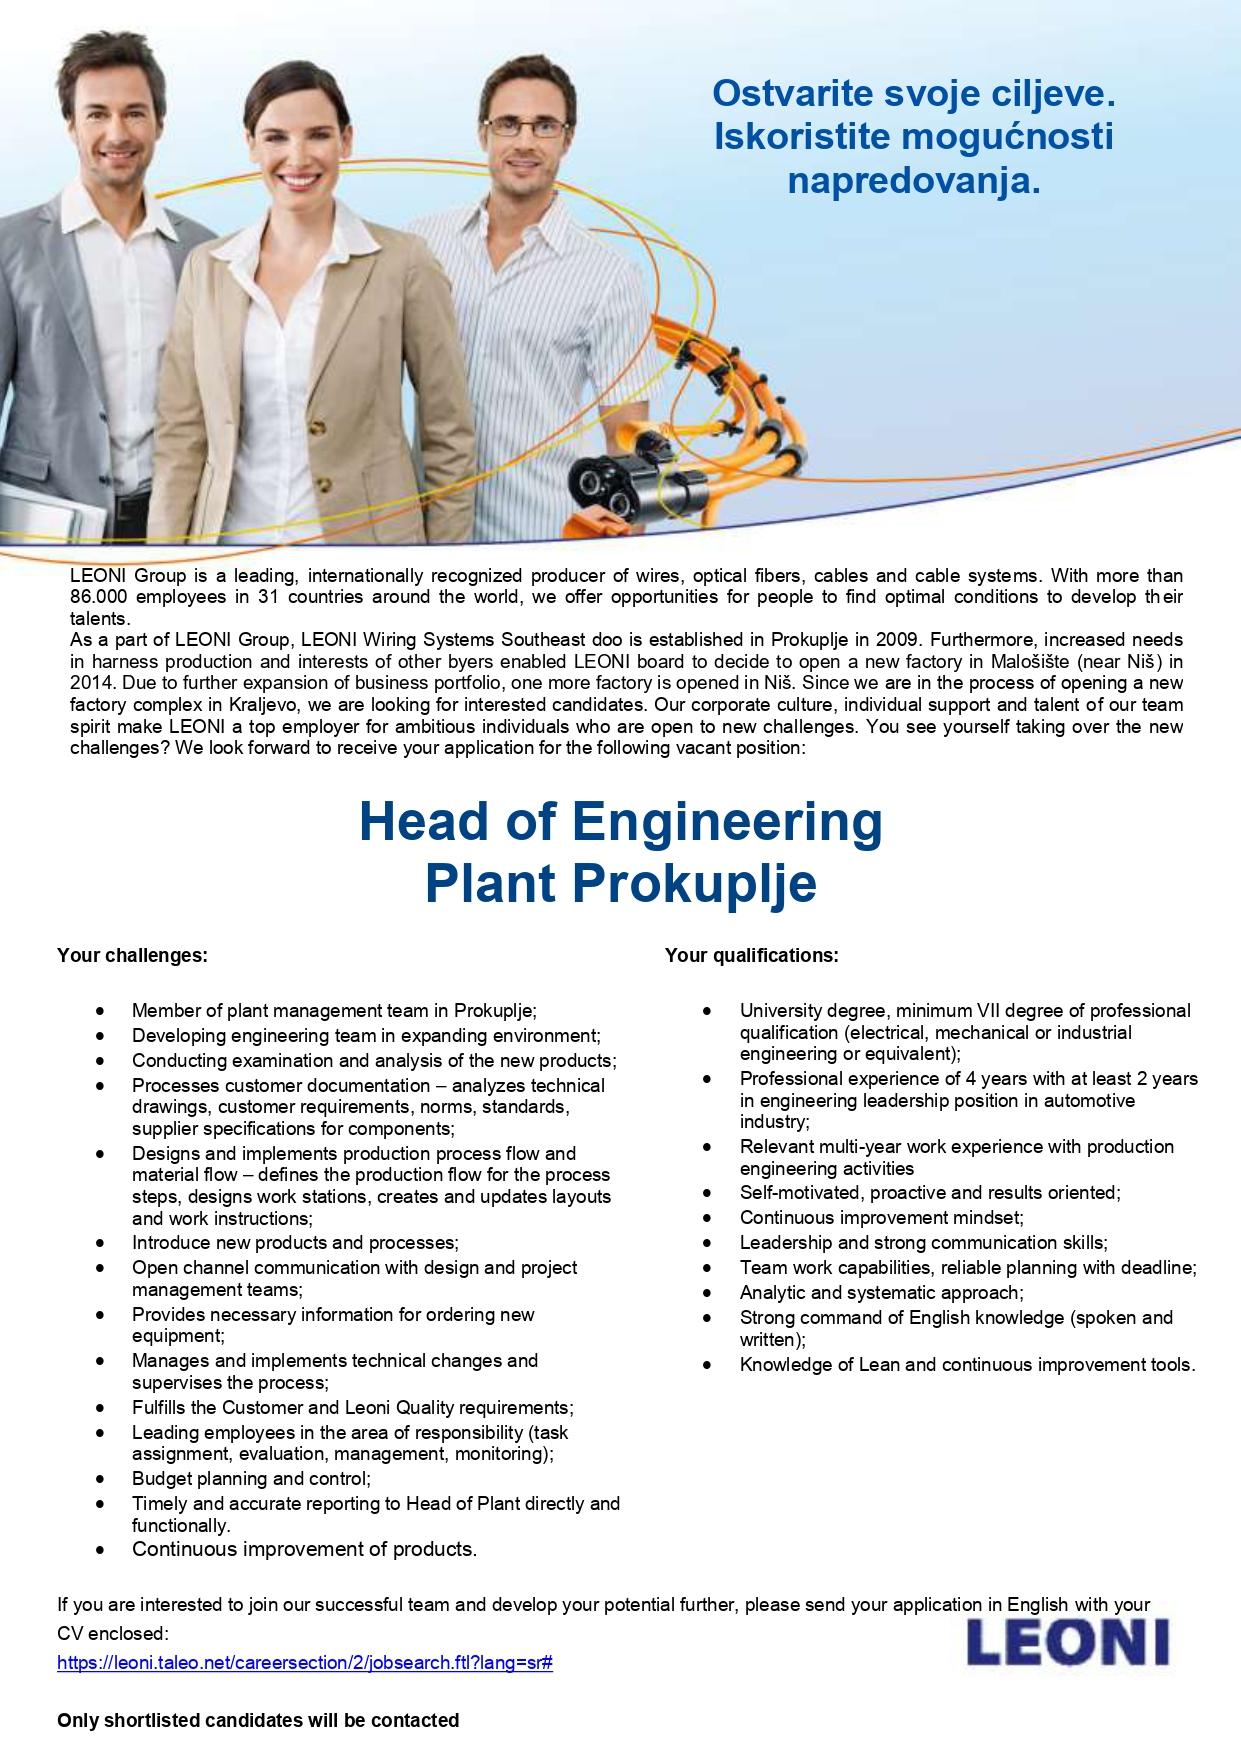 Head of Engineering Plant Prokuplje